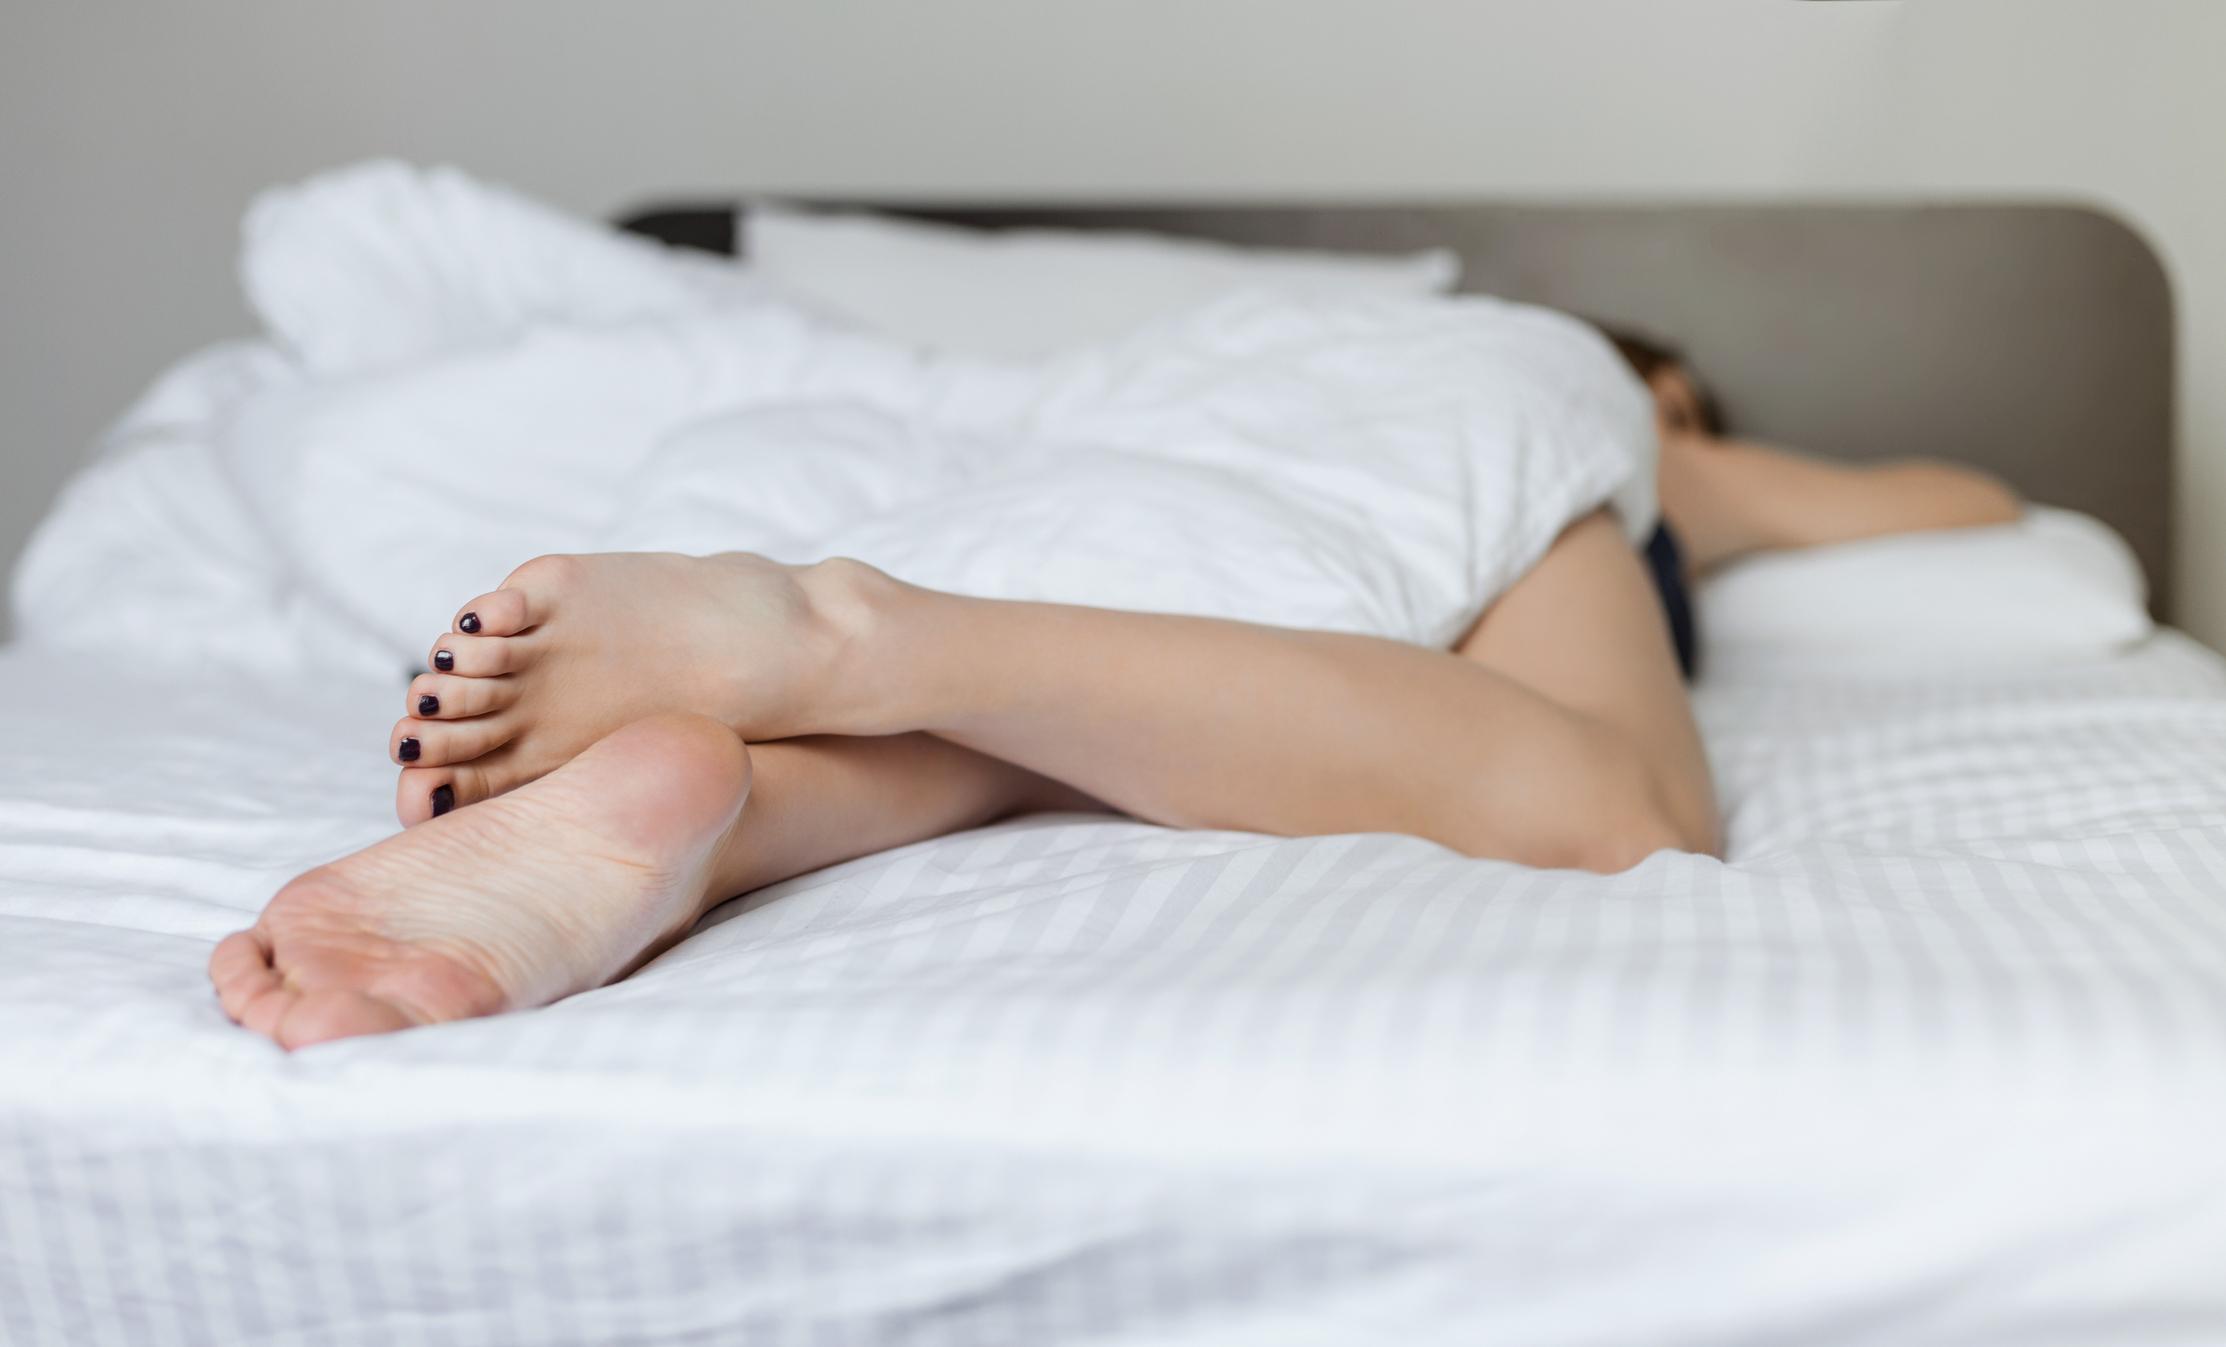 Nije jasno koji je uzrok takve veze no duljina spavanja povezana je s pojačanim znakovima upala, nepovoljnim omjerom vrsta kolesterola u krvi i povećanim opsegom struka što su sve faktori za koje se zna da povećavaju kardiovaskularne rizike.